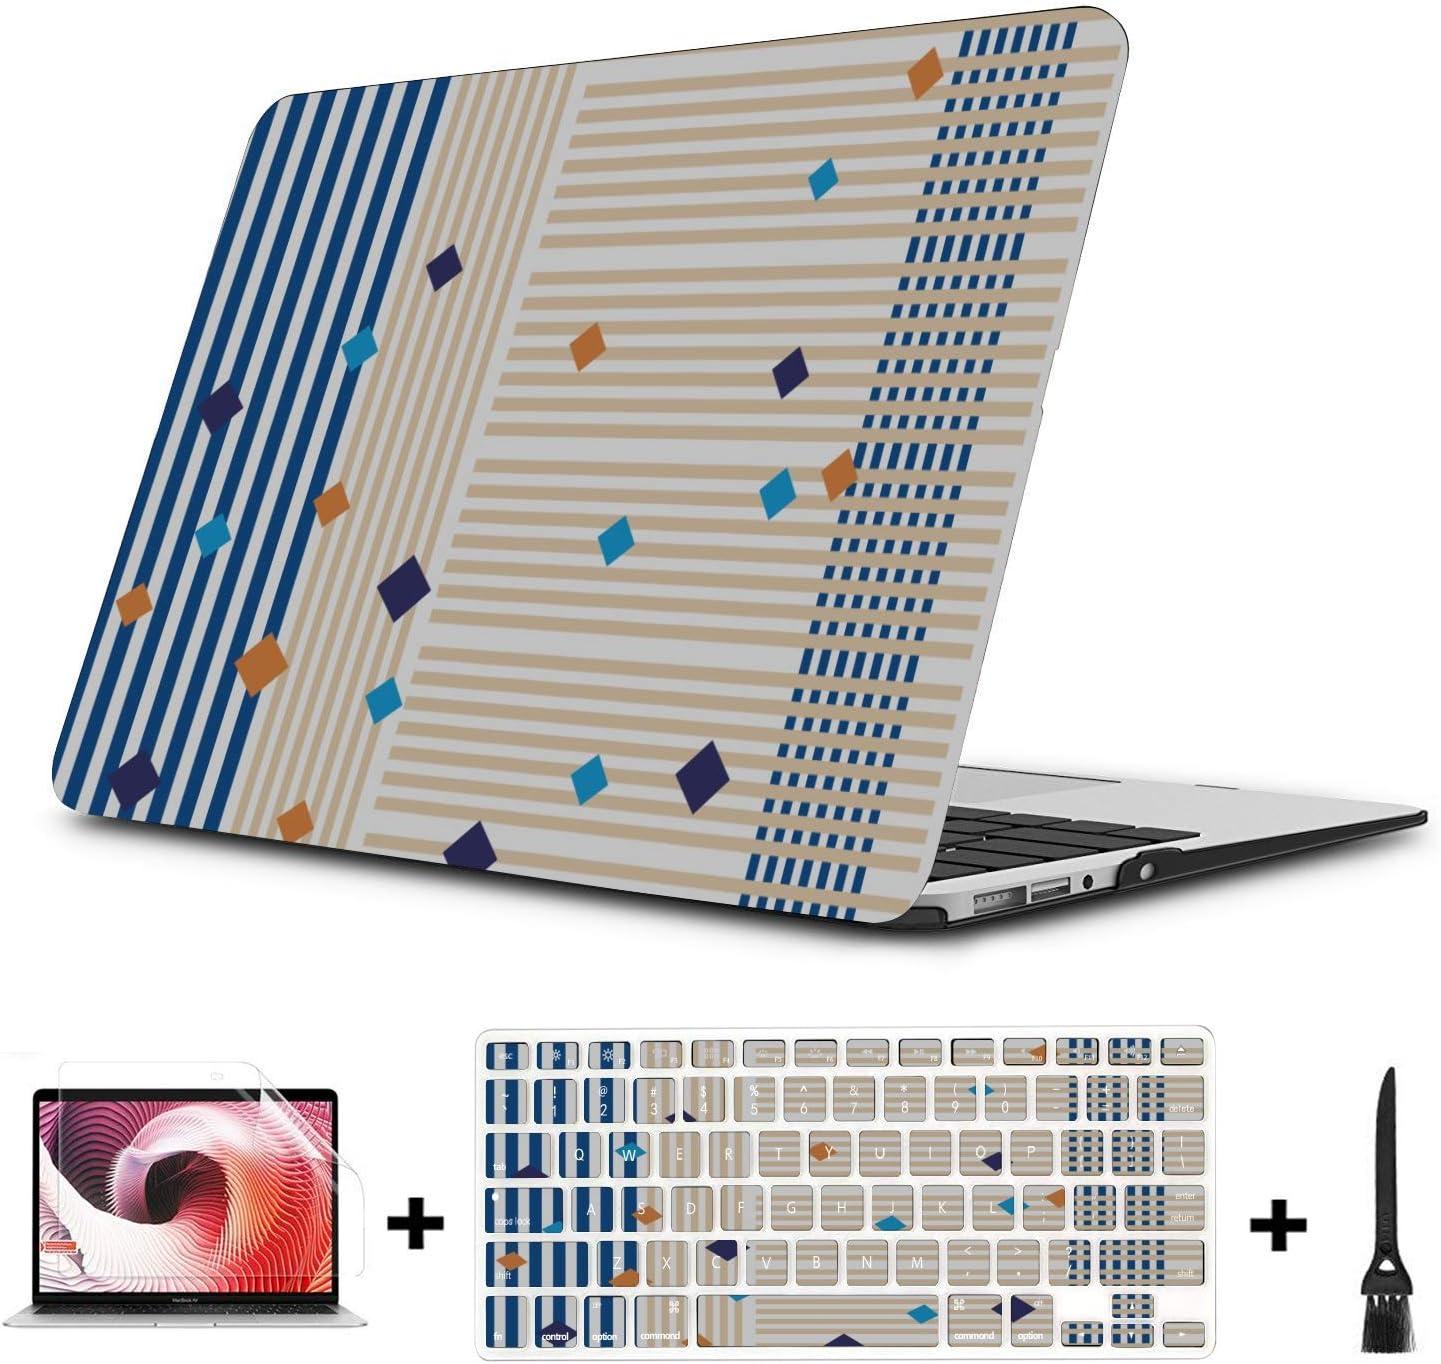 Fundas para Mac Armonioso Lindo Hermoso Pintura Plástico Carcasa Dura Compatible Mac Air 11